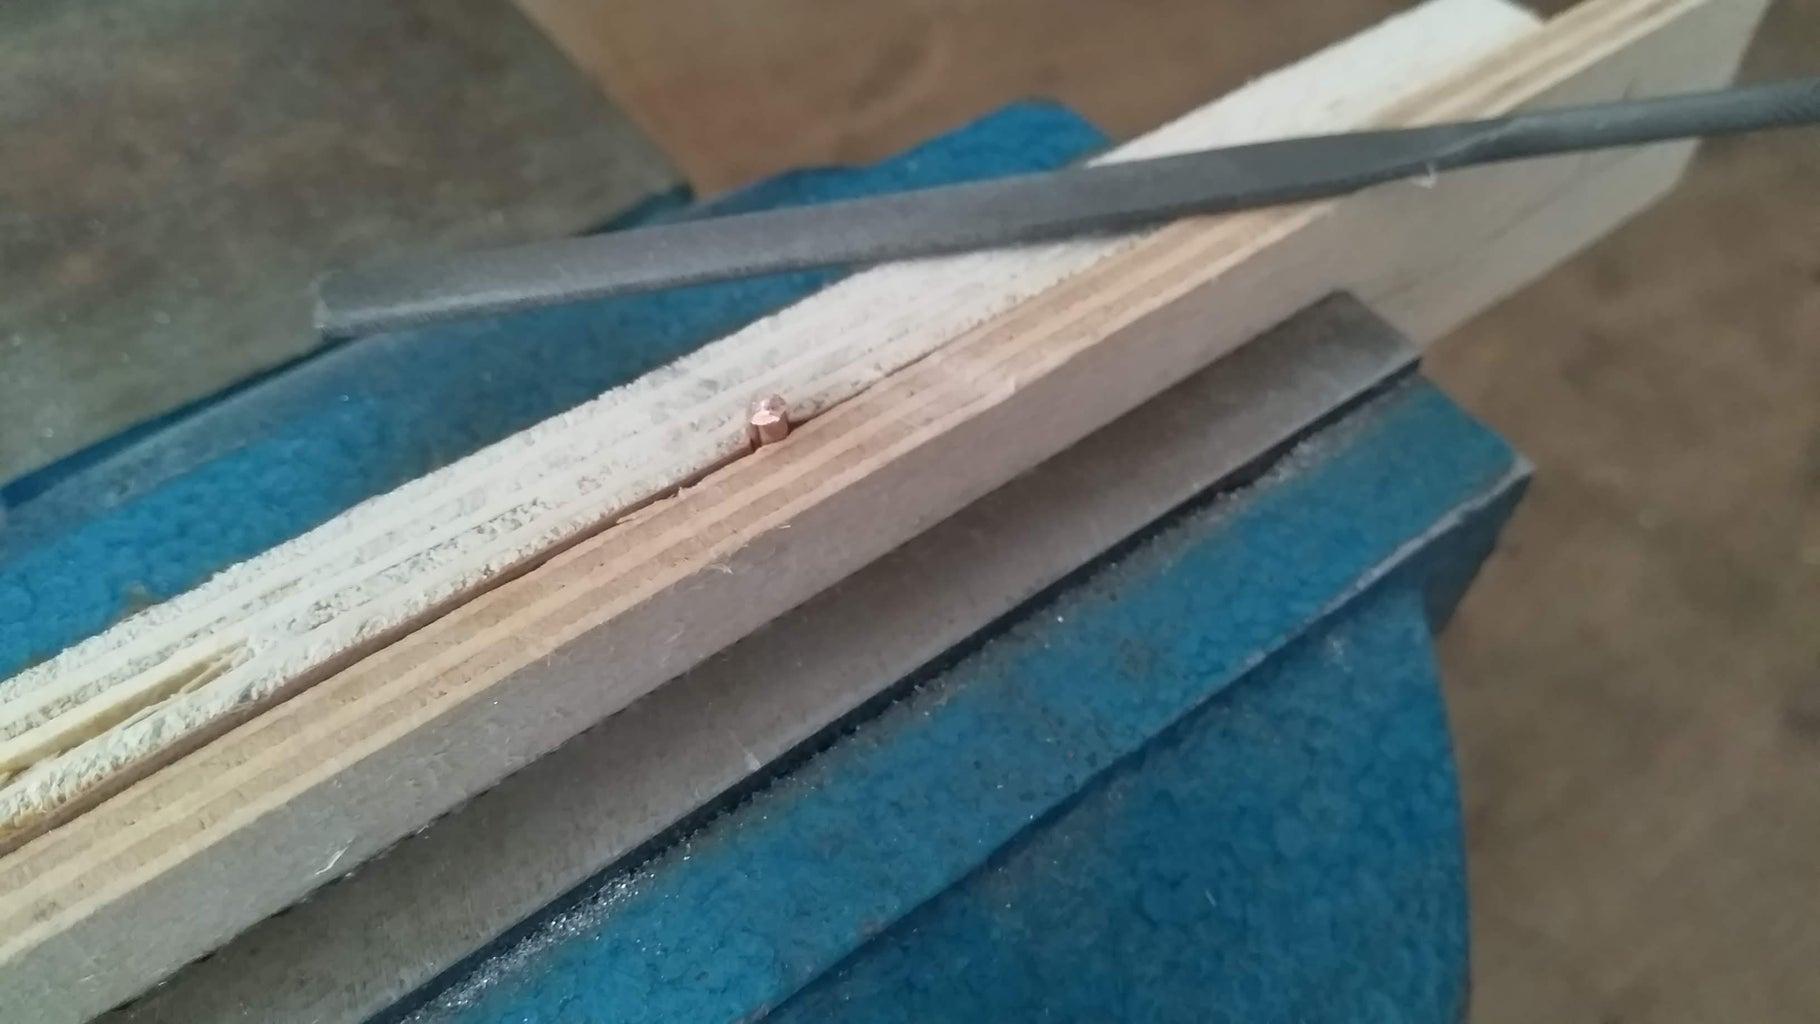 Cutting the Inlay